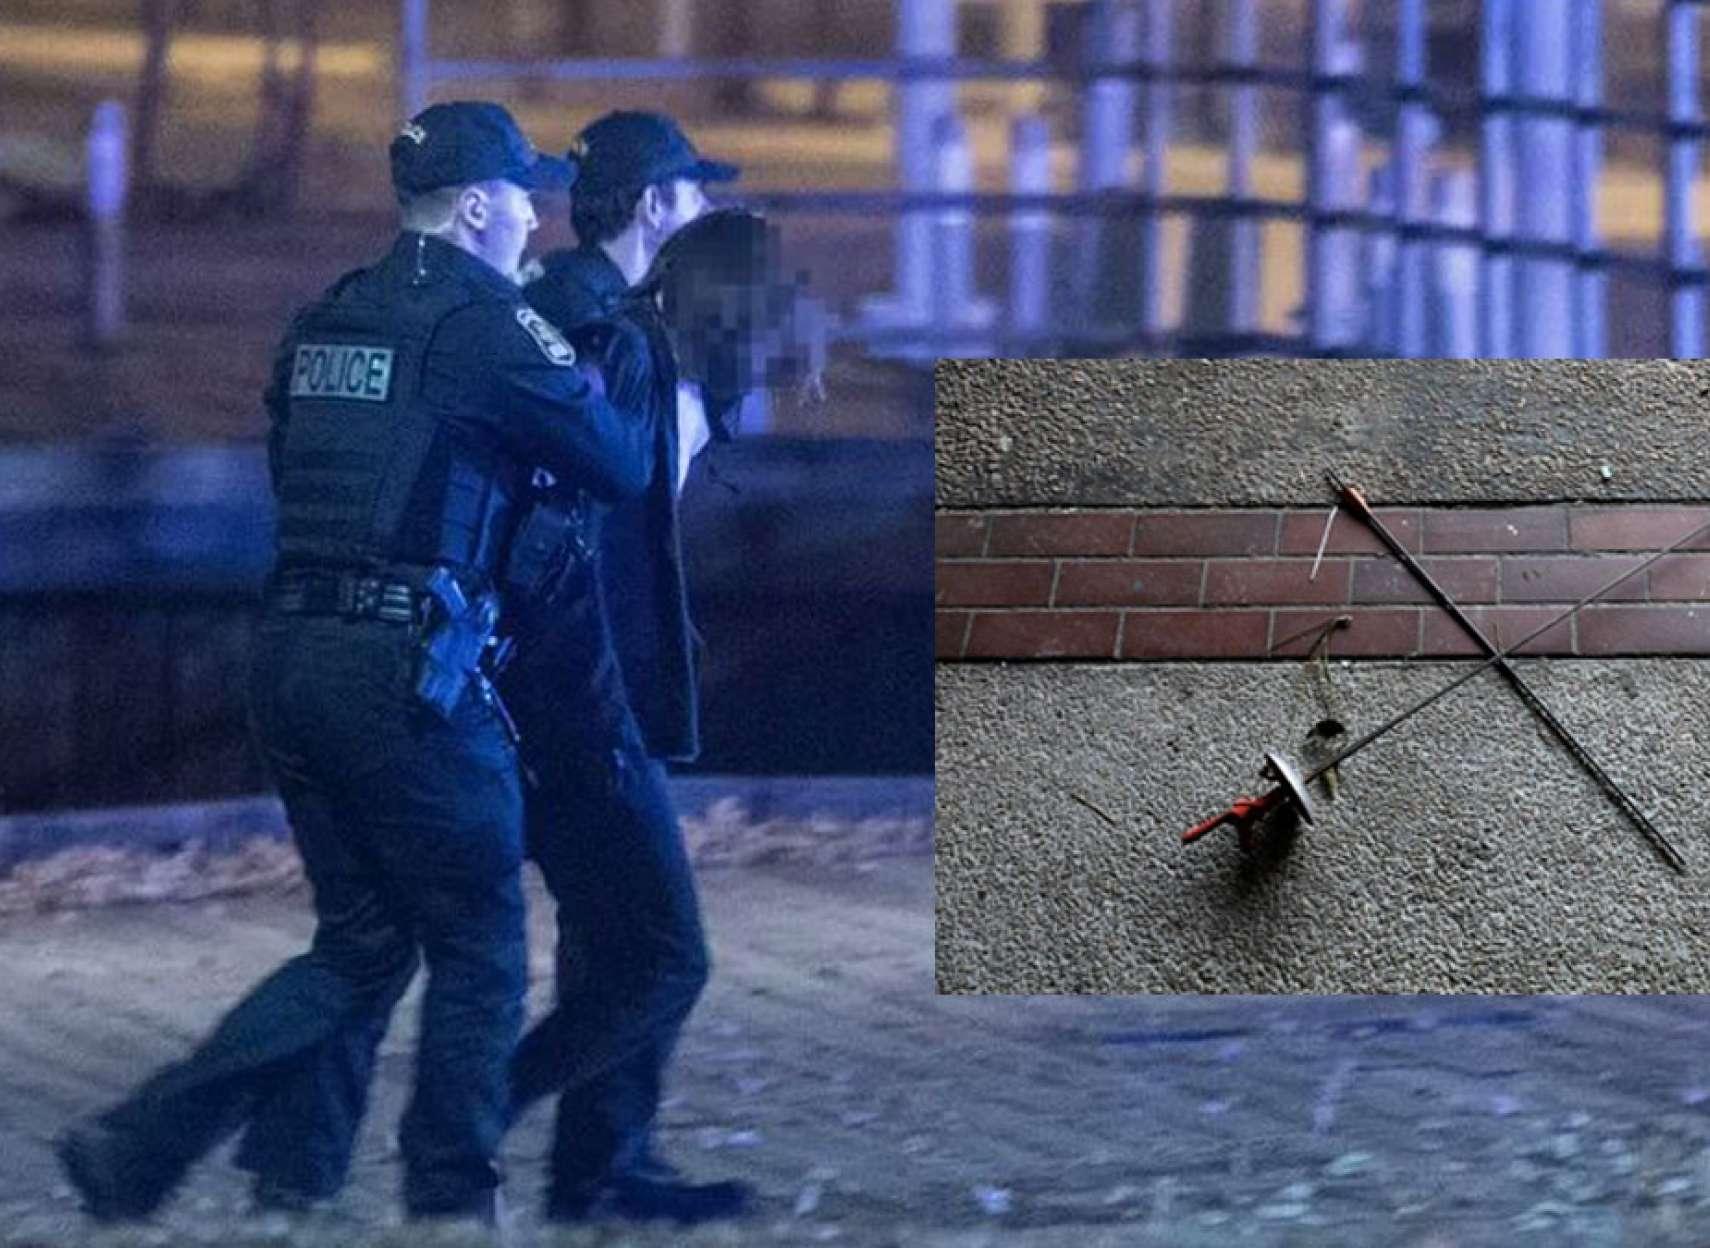 اخبار-کانادا-مرد-۲۴-ساله-در-شب-هالوین-با-لباس-سامورایی-و-با-شمشیر-۲-نفر-را-در-کبک-کشت